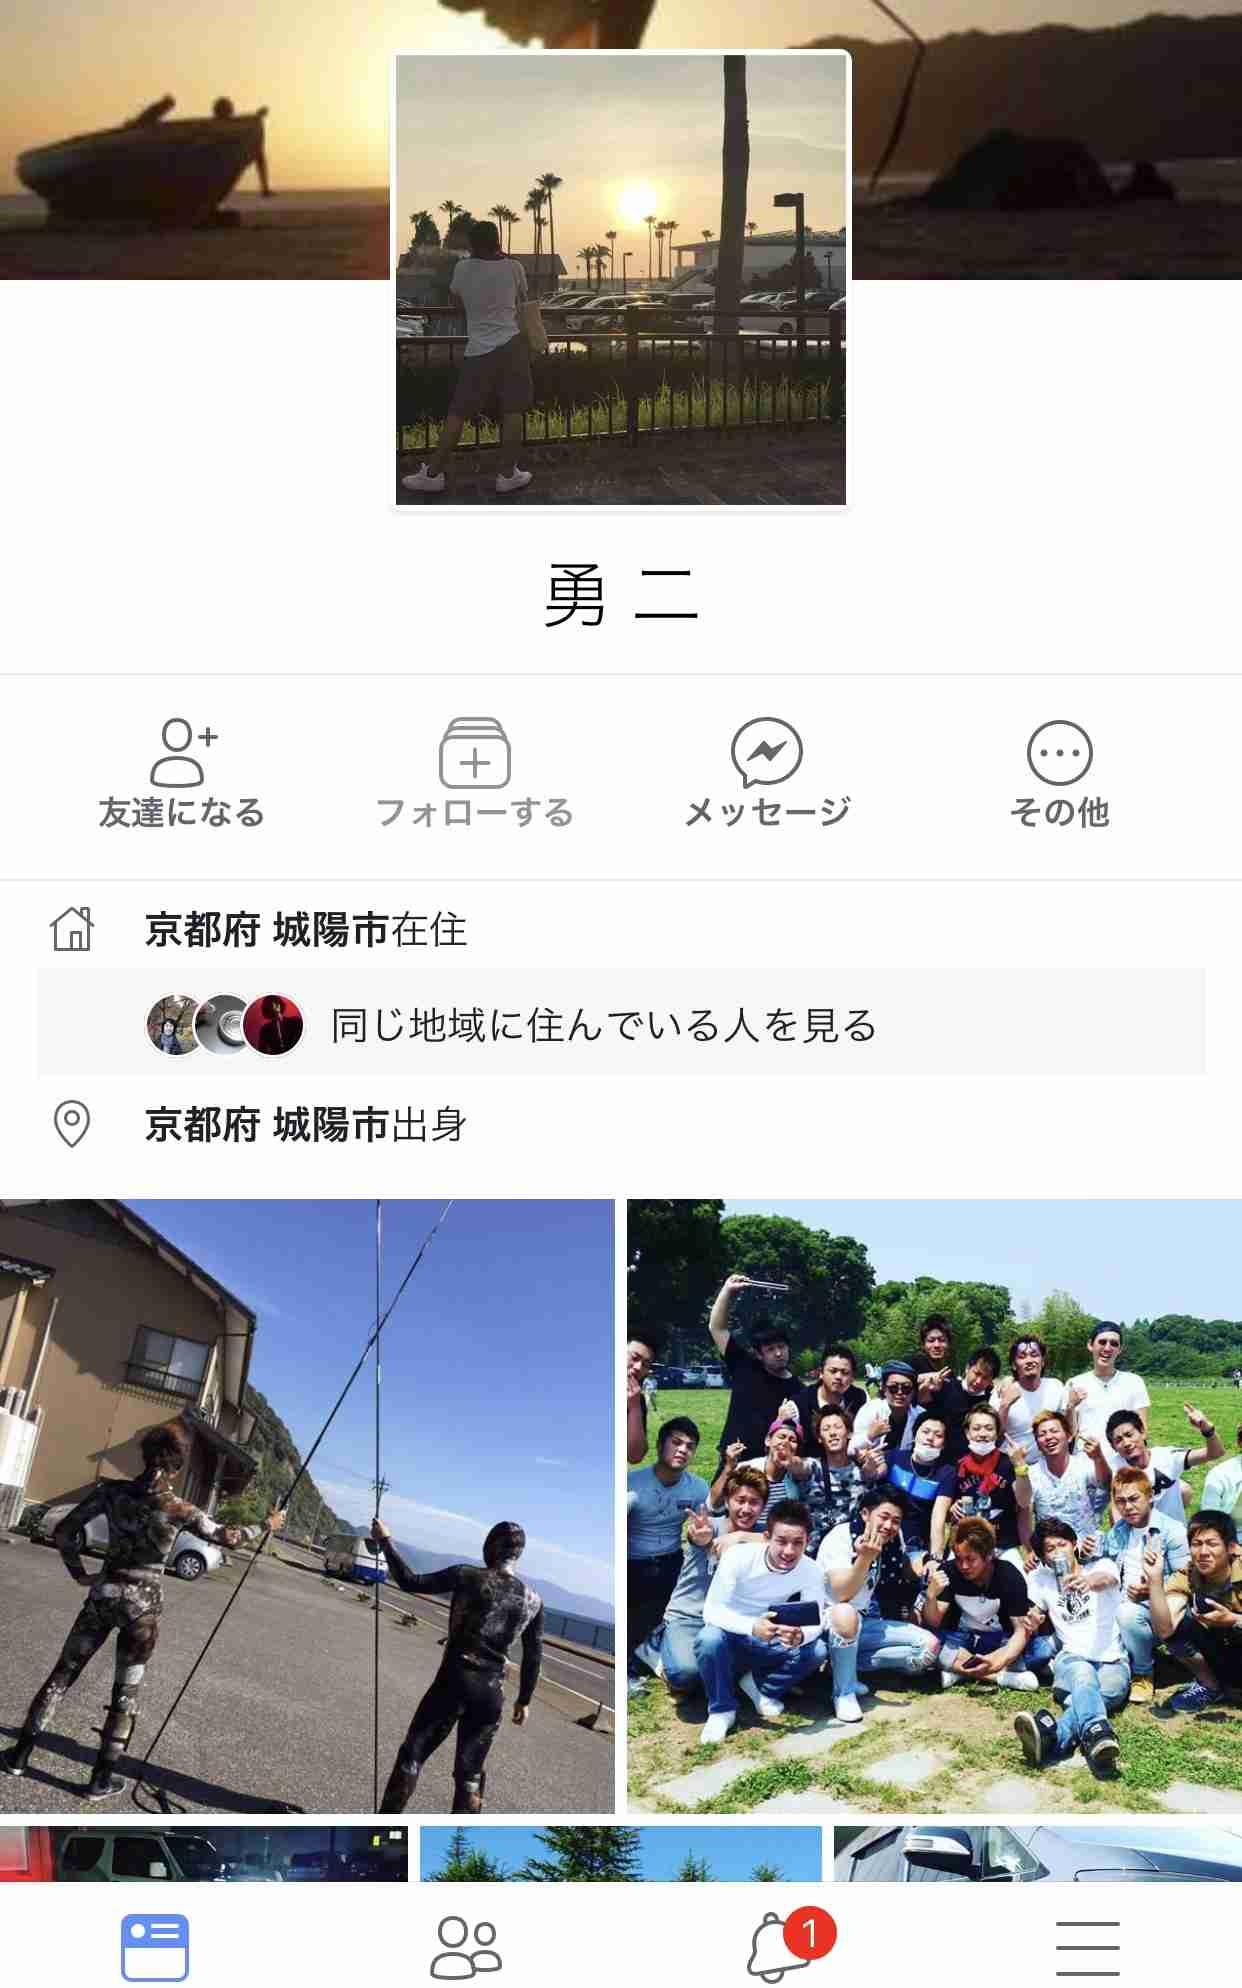 屋根に2人乗せた車が5m下に転落、23歳死亡 京都